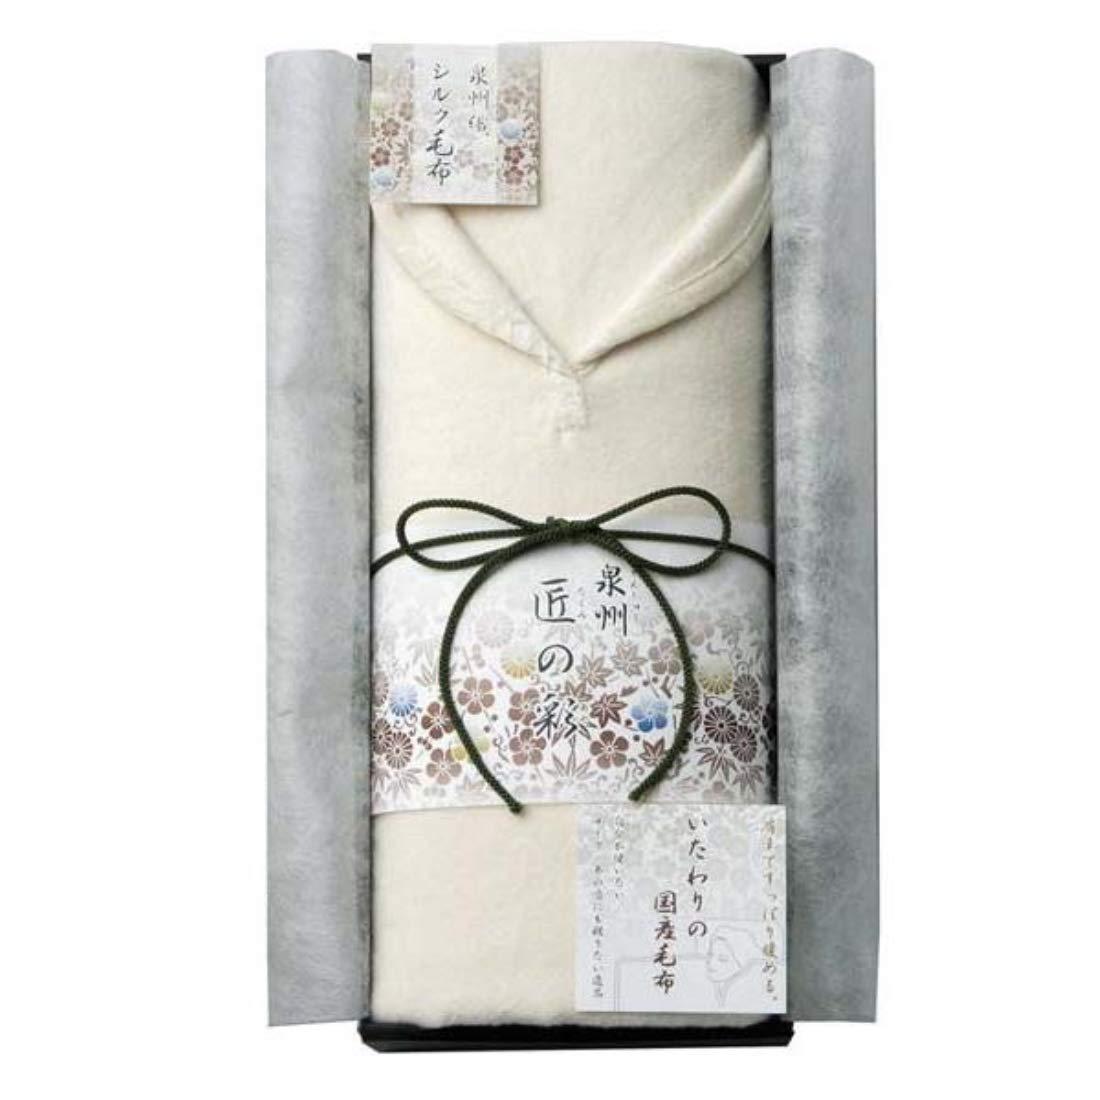 ◇寝装 寝具関連 おしゃれ◇シルク混綿毛布 WES-15030 B07QM3J35D